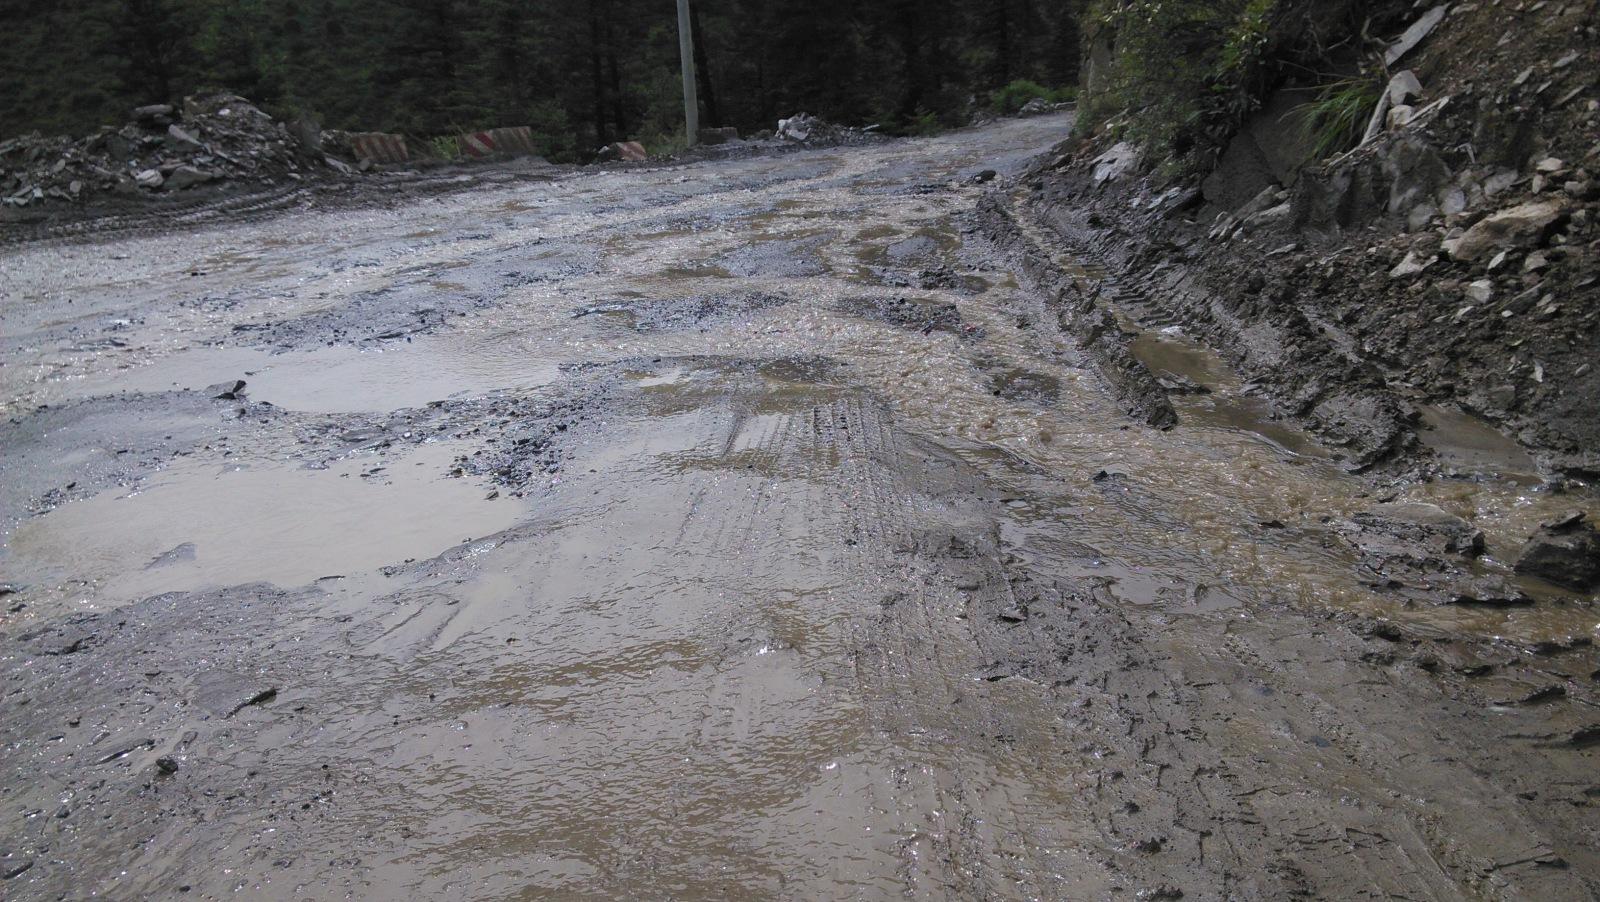 十多公里这样的下坡,越野爽惨了,一路胎爆了两三次